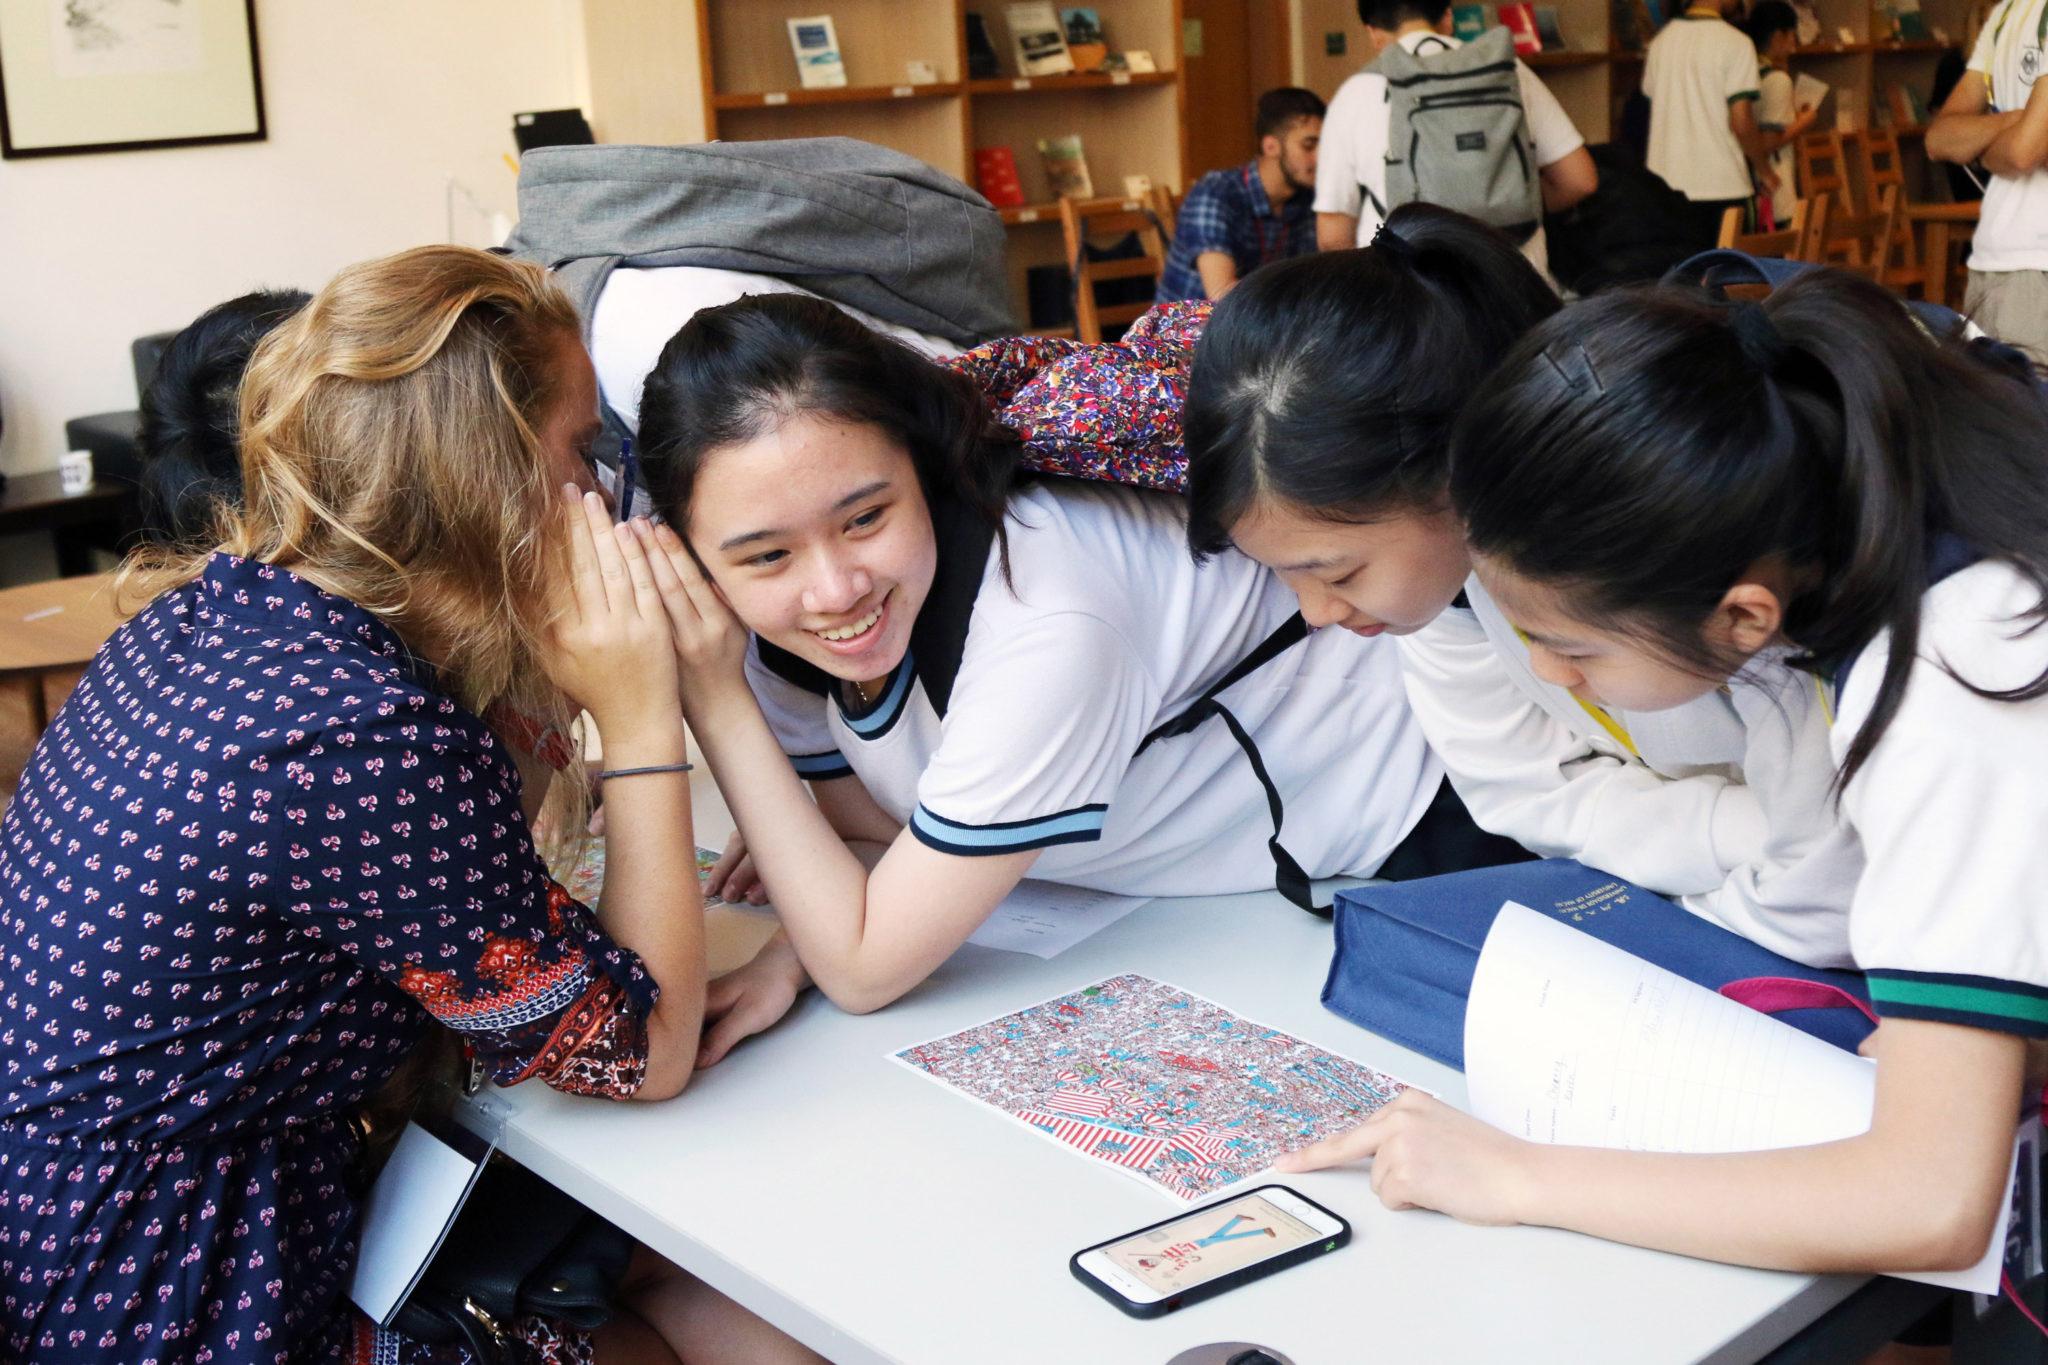 Ensino | Apenas 7% dos alunos de português em Macau são lusófonos